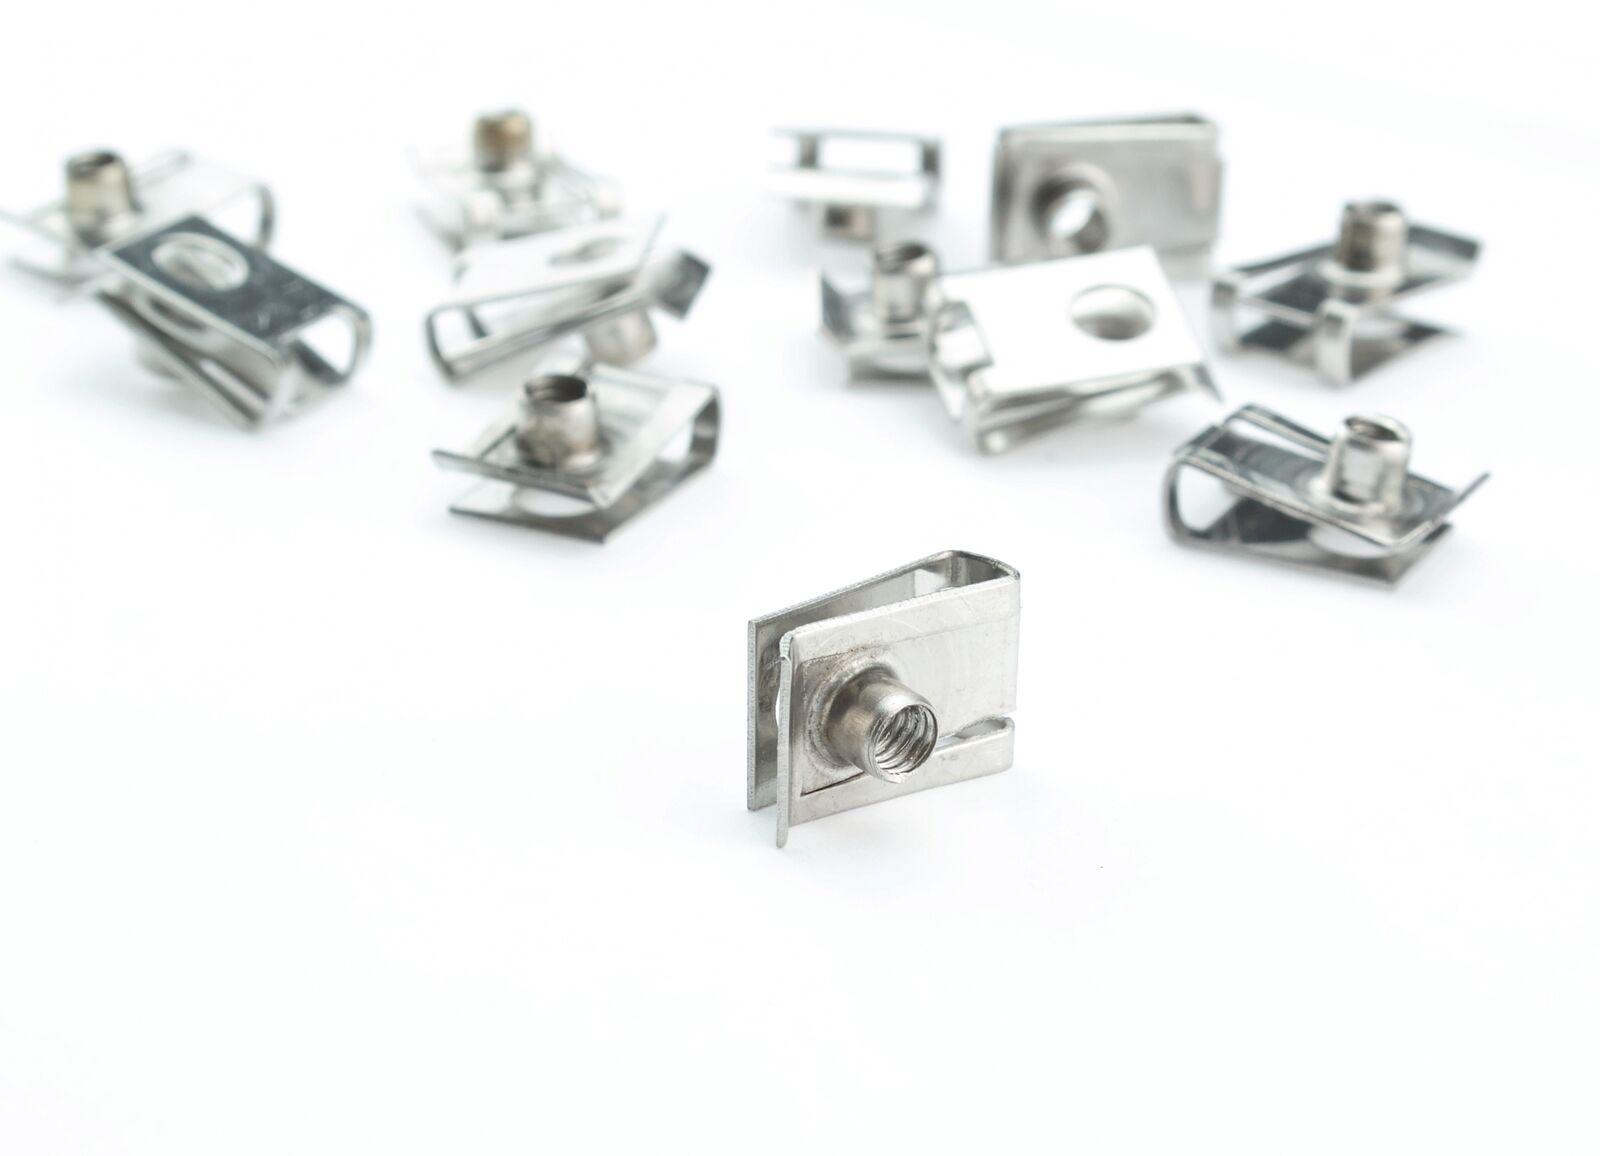 Edelstahl Blechmutter M4 Clips Klemmen A2 Schnappmutter Federmutter metrisch 4mm  | Mittel Preis